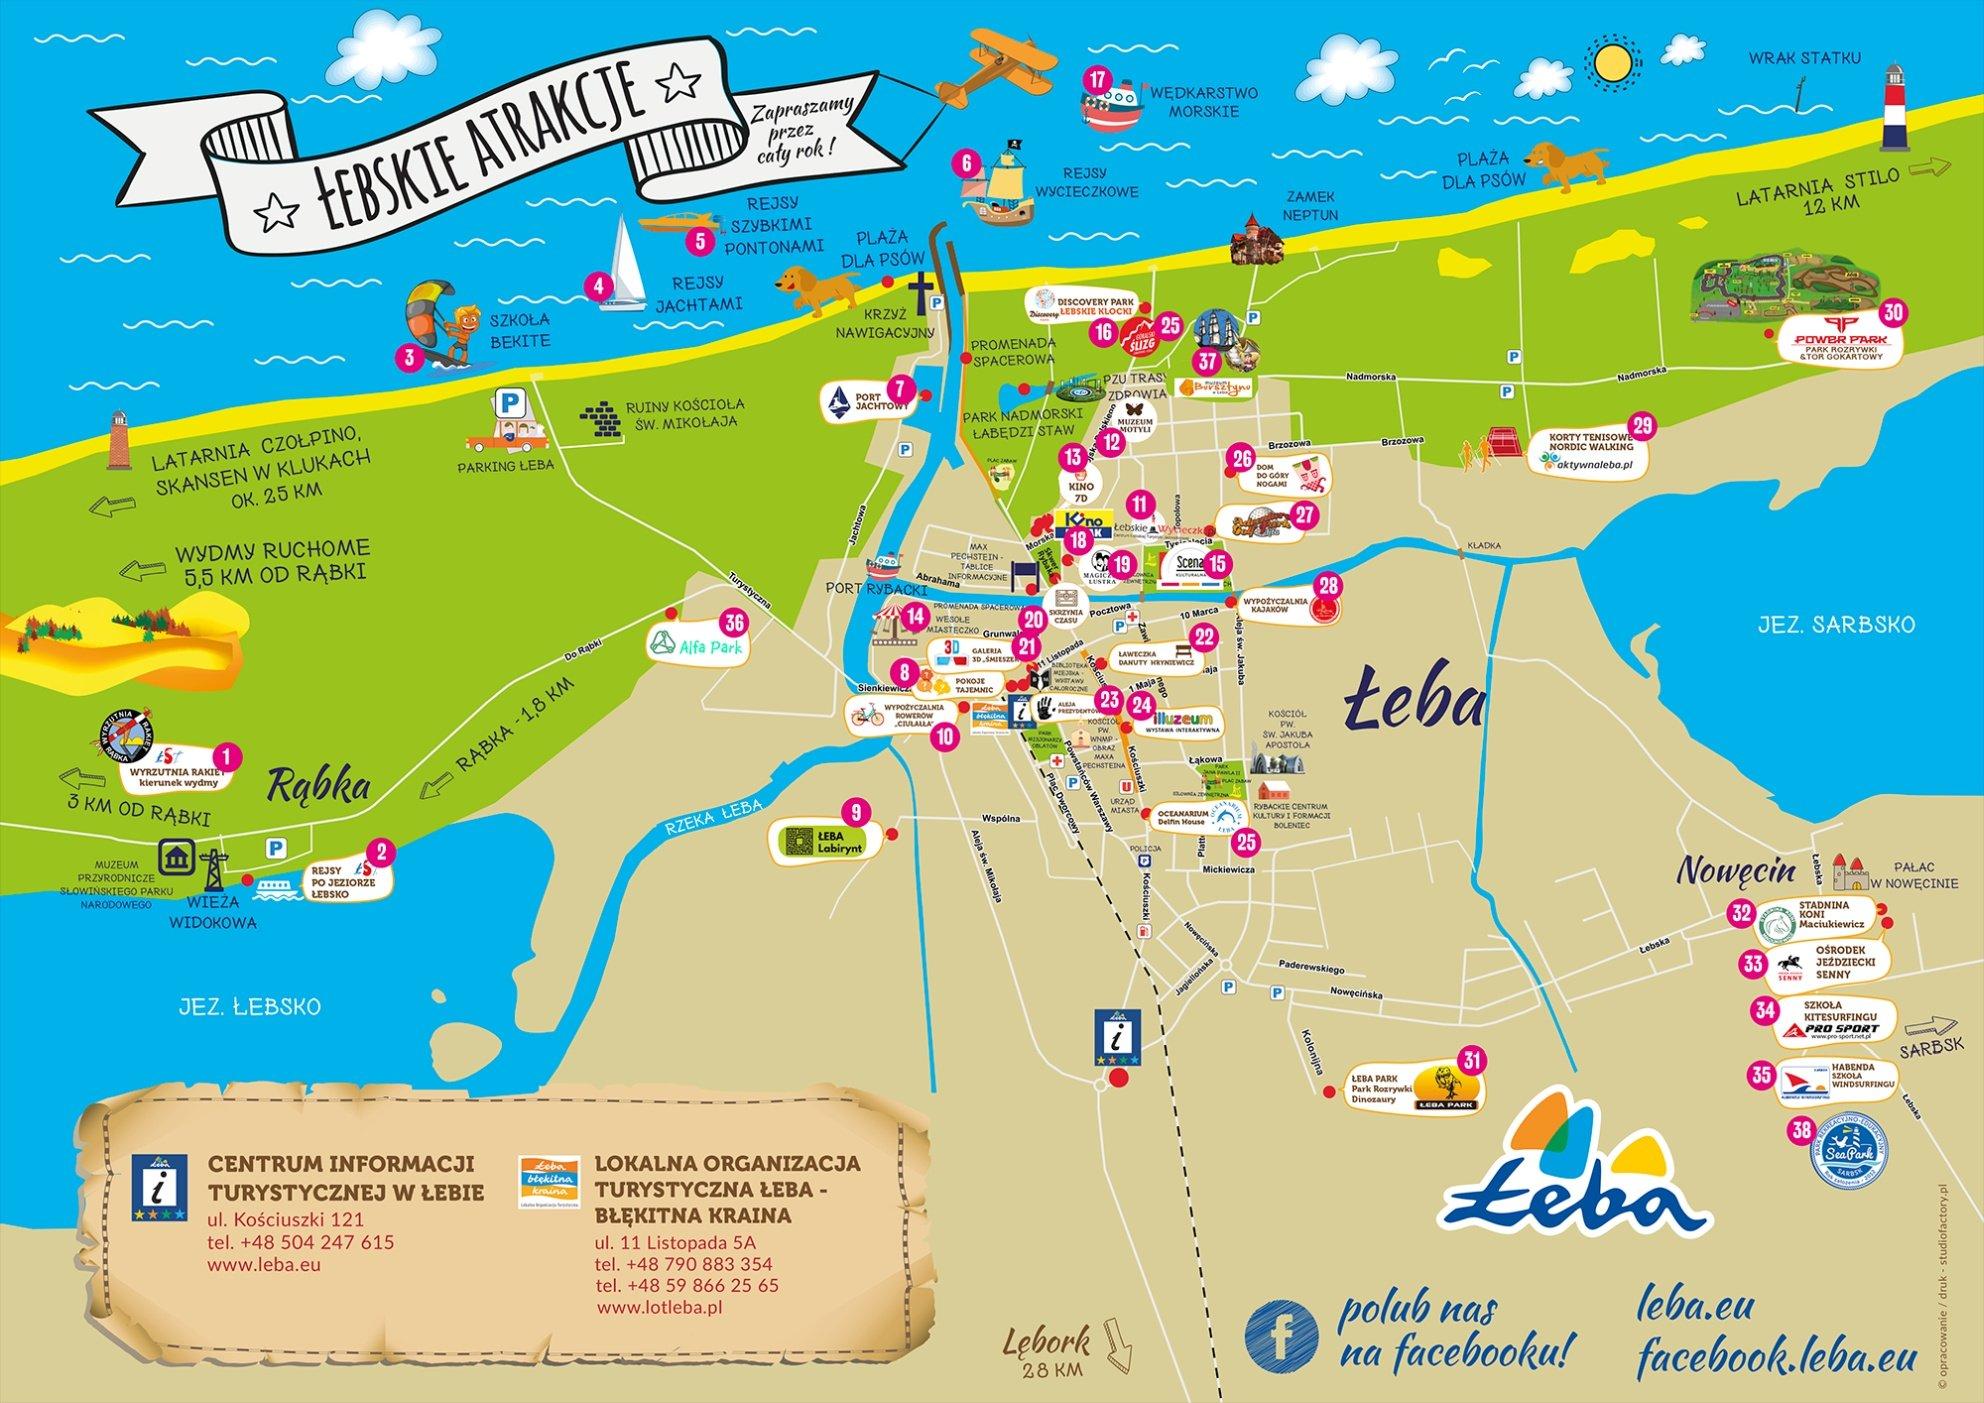 Mapa Atrakcji Turystycznych Leba Miasto Zywiolow